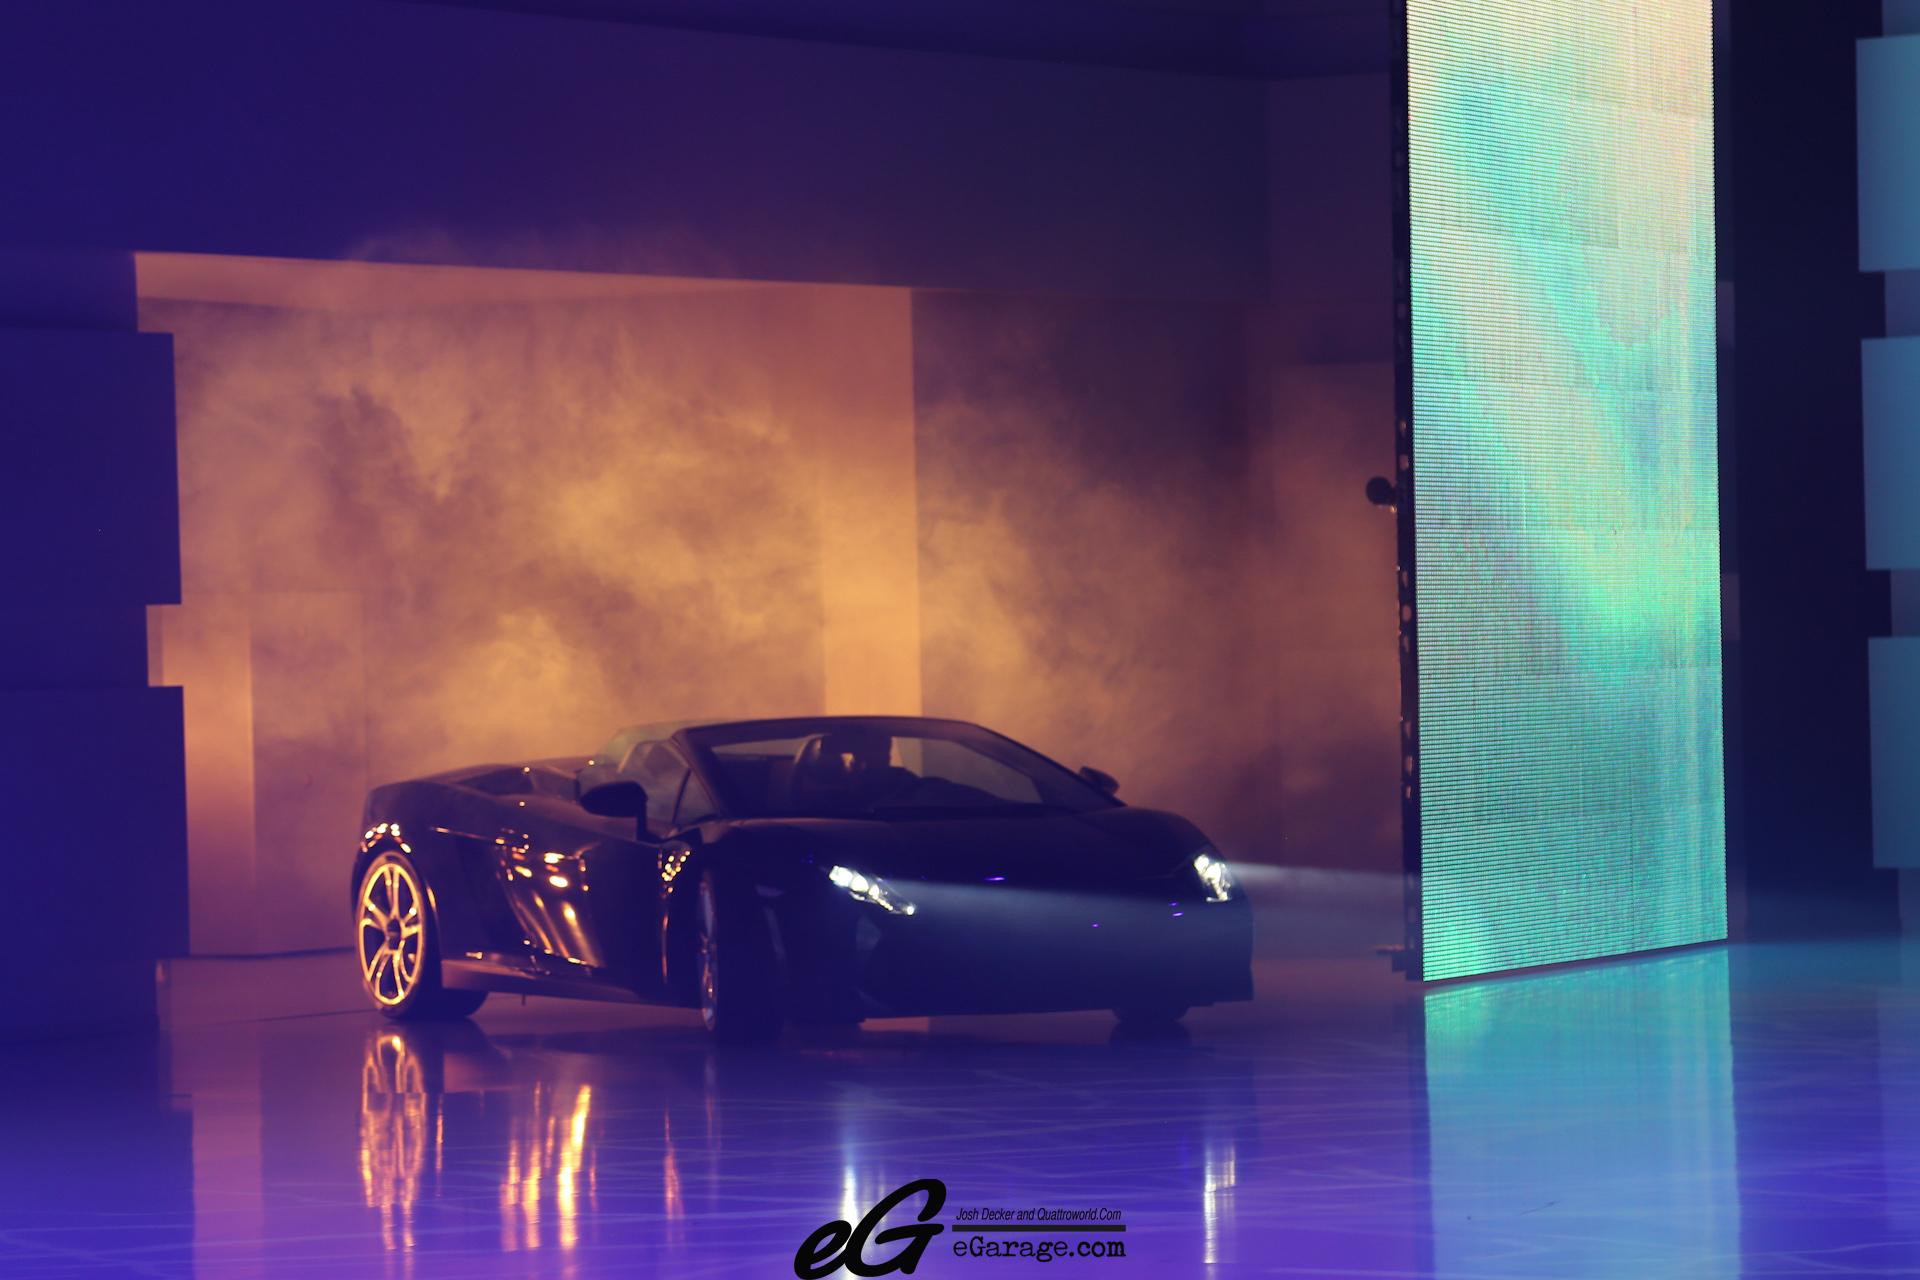 8030389319 492f2b44a1 o 2012 Paris Motor Show